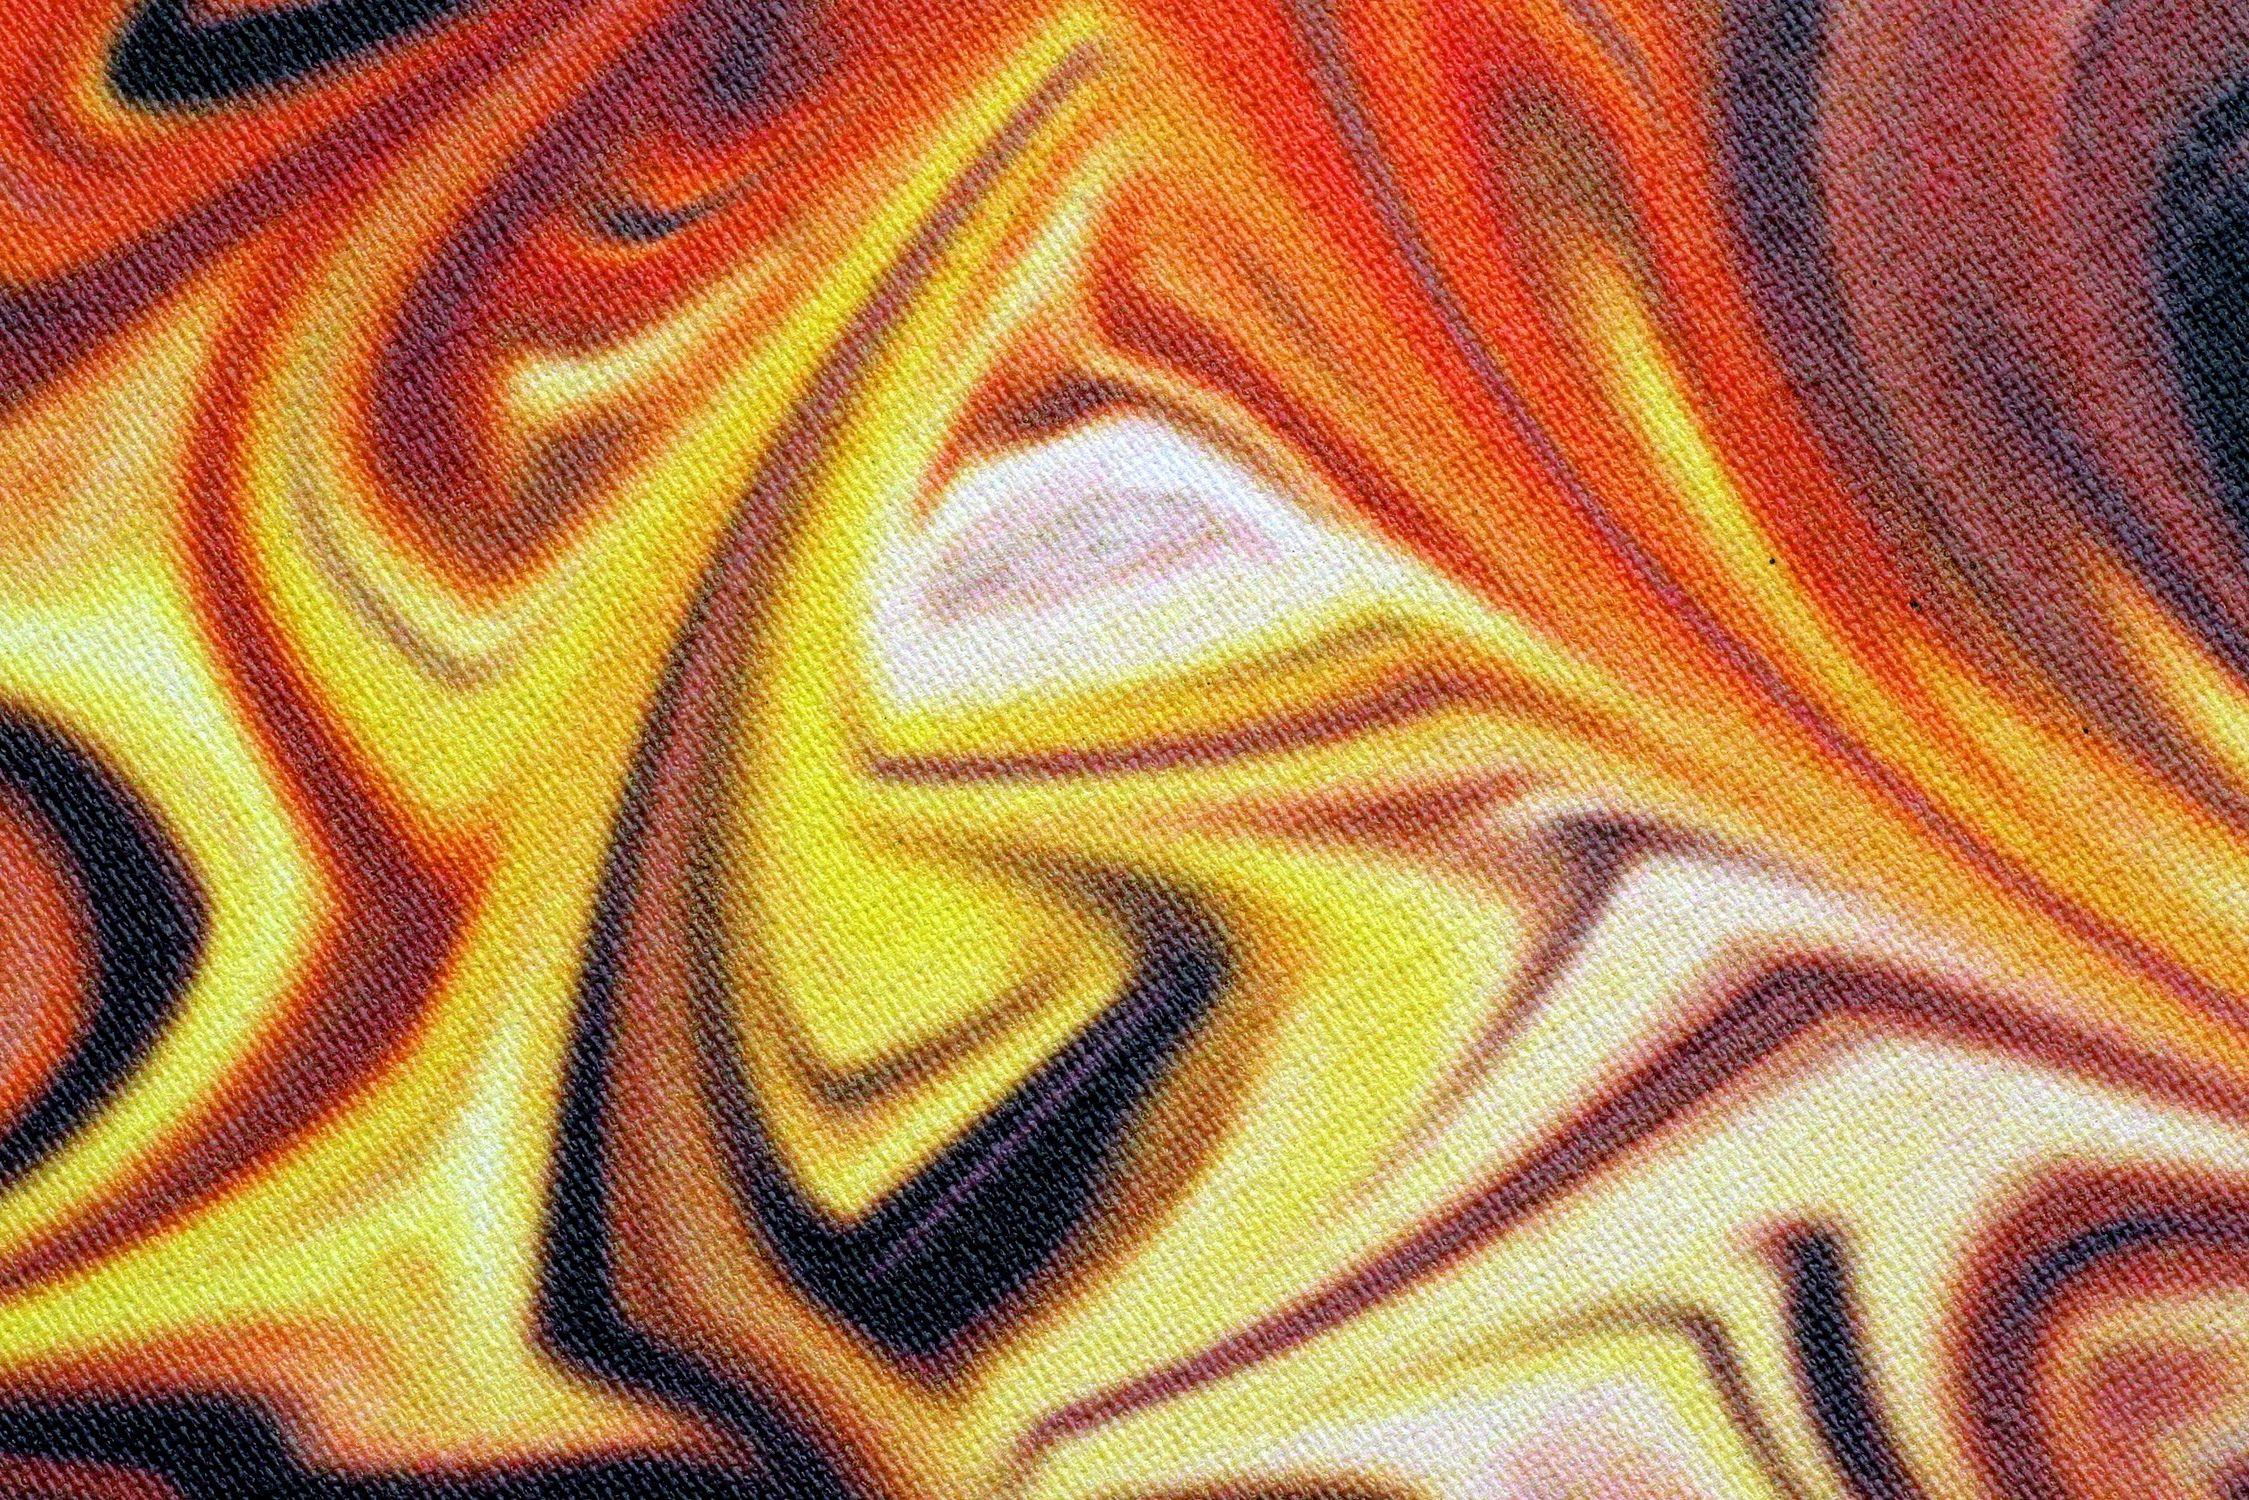 Bild mit Farben, Orange, Gelb, Gegenstände, Schriftstücke, Schriften, Kunst, Struktur, Abstrakt, Leinwand Struktur, Canvas